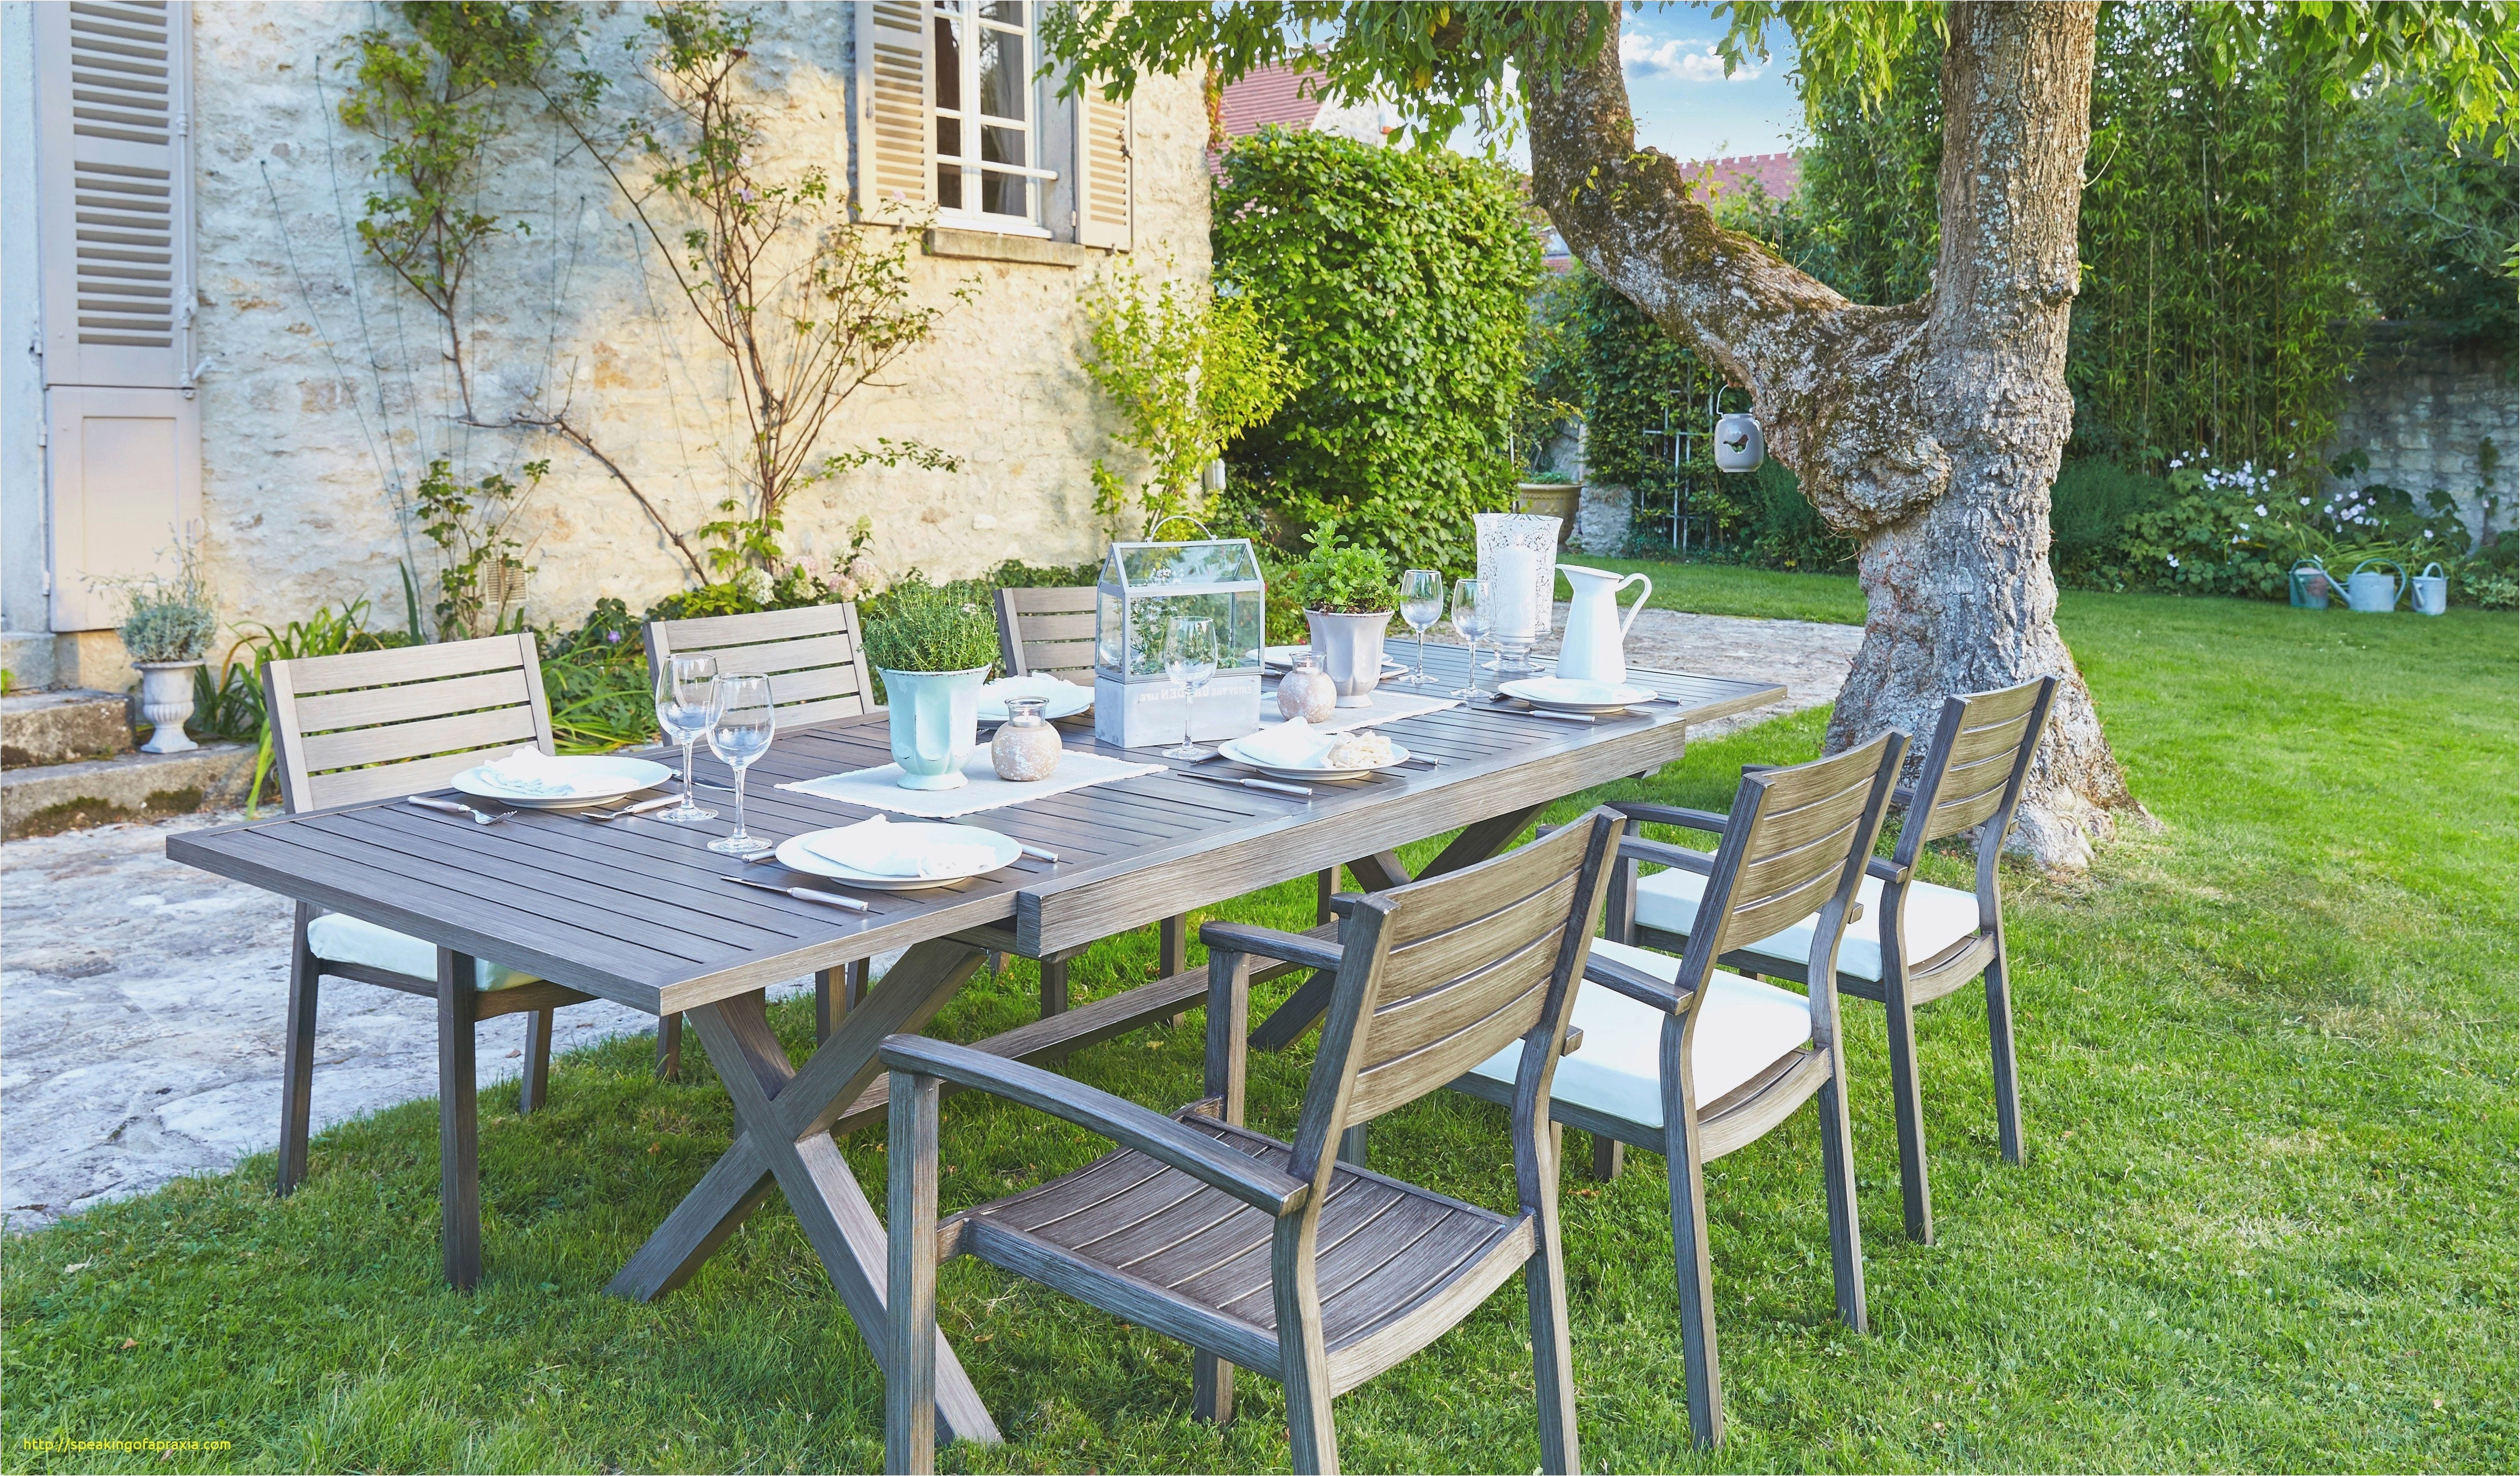 52 Luxe Abris Jardin Carrefour | Matériel Cuisine Paris pour Abri De Jardin En Bois Carrefour